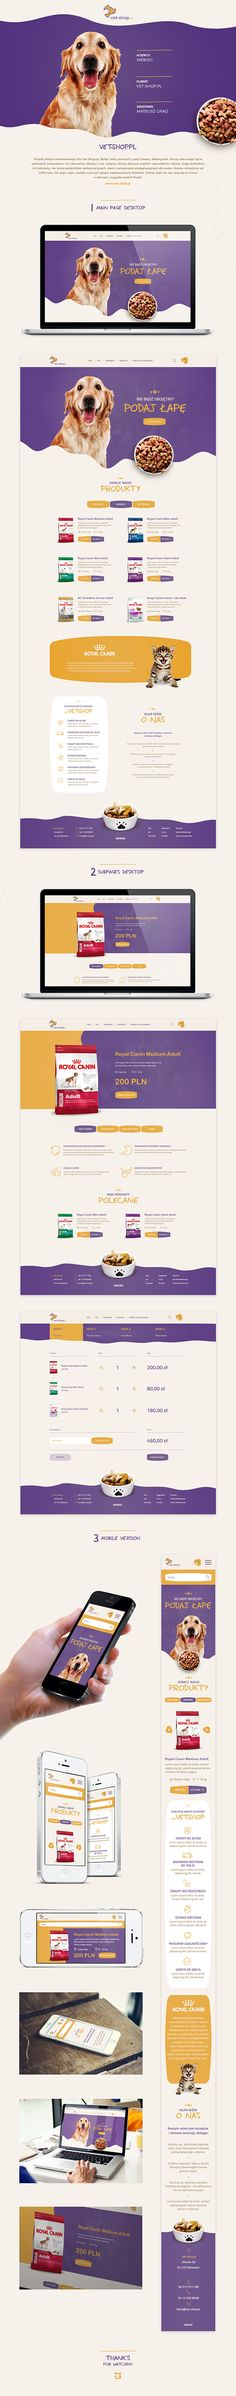 Vet-shop.pl - Web Design http://www.shareasale.com/r.cfm?B=366125&U=1611319&M=37723&urllink=